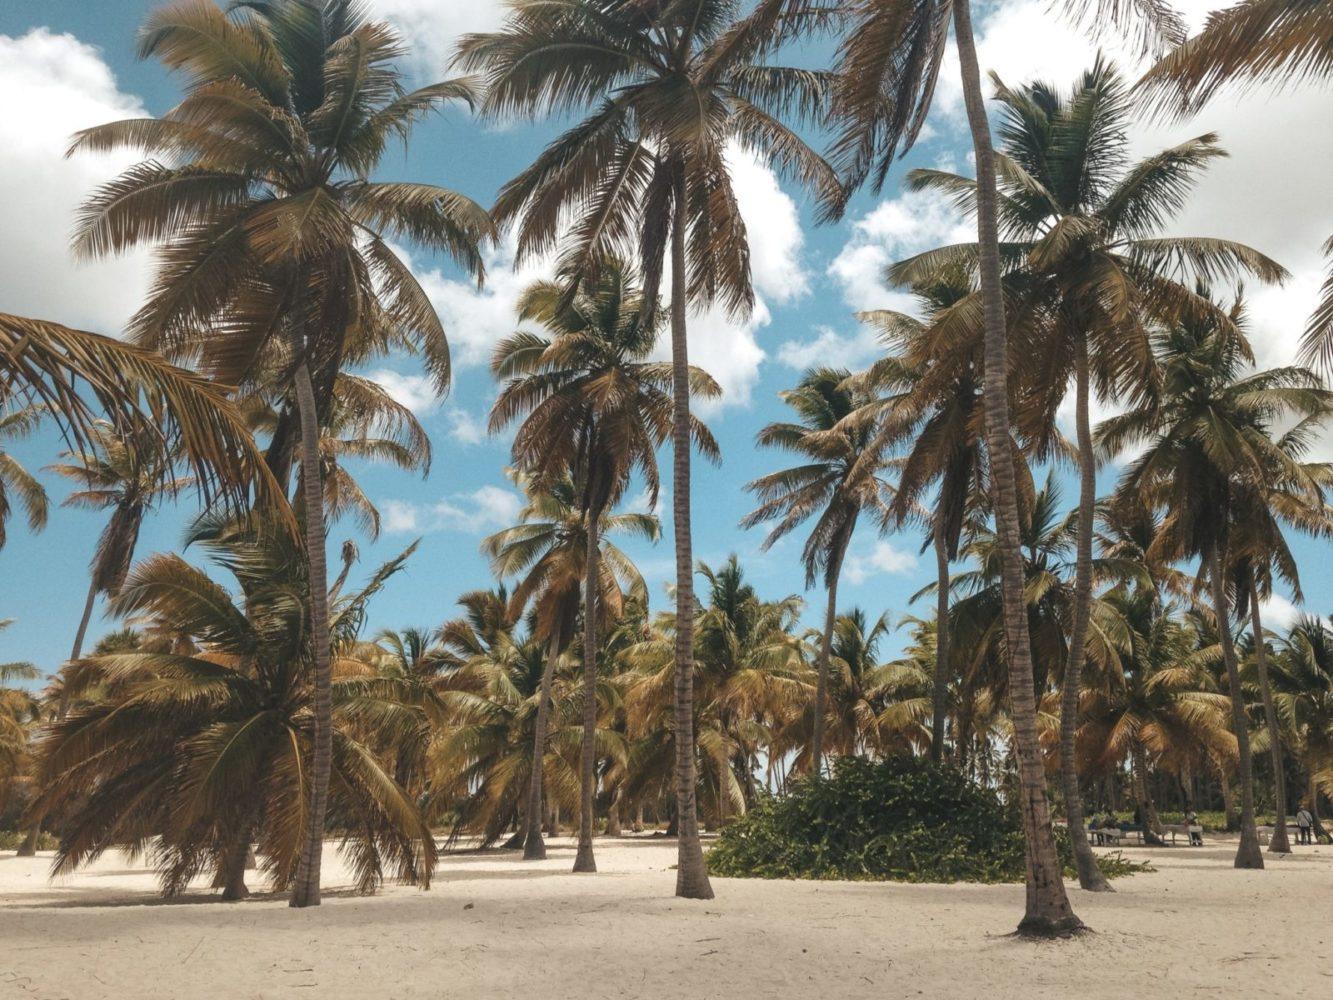 Des palmiers immenses pour te procurer un peu d'ombre sur les plages